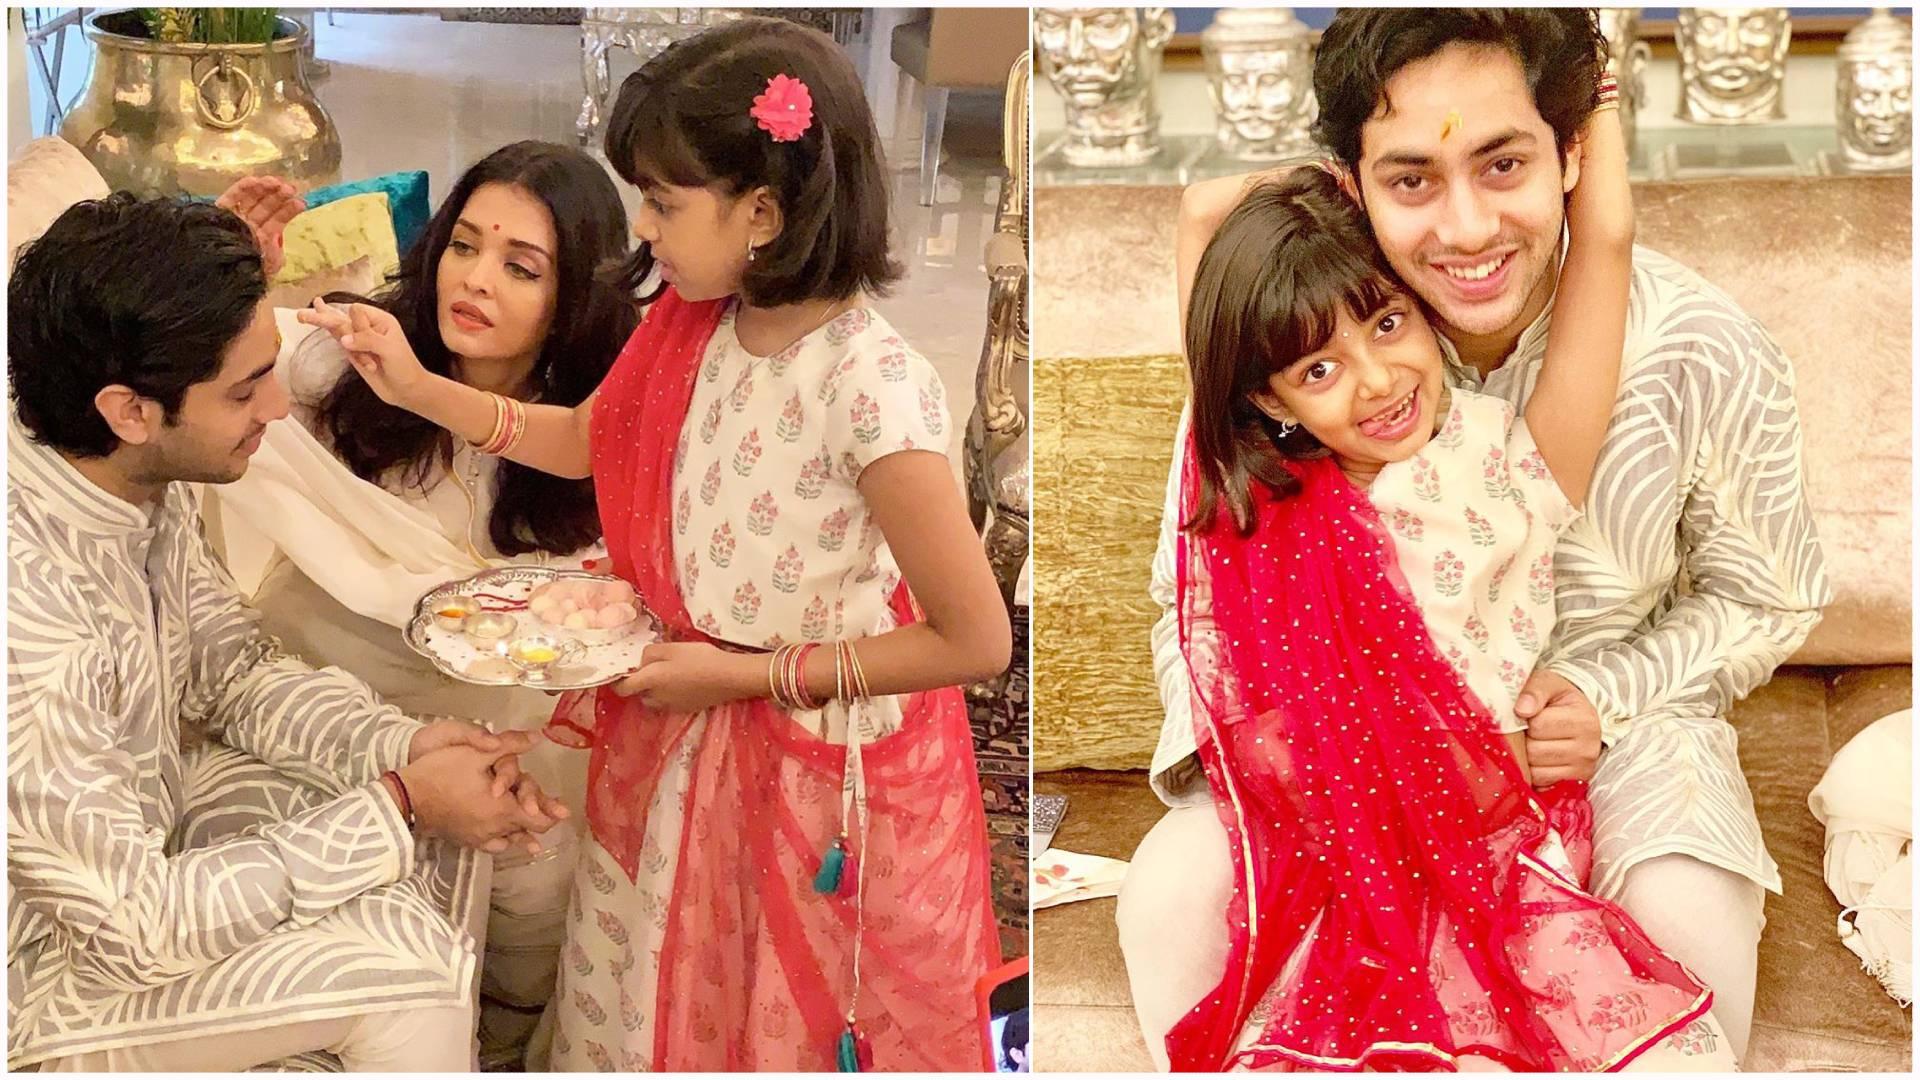 रक्षाबंधन पर आराध्या बच्चन ने अगस्त्या नंदा को बांधी राखी, तस्वीरों में देखिए भाई-बहन की क्यूट बॉन्डिंग